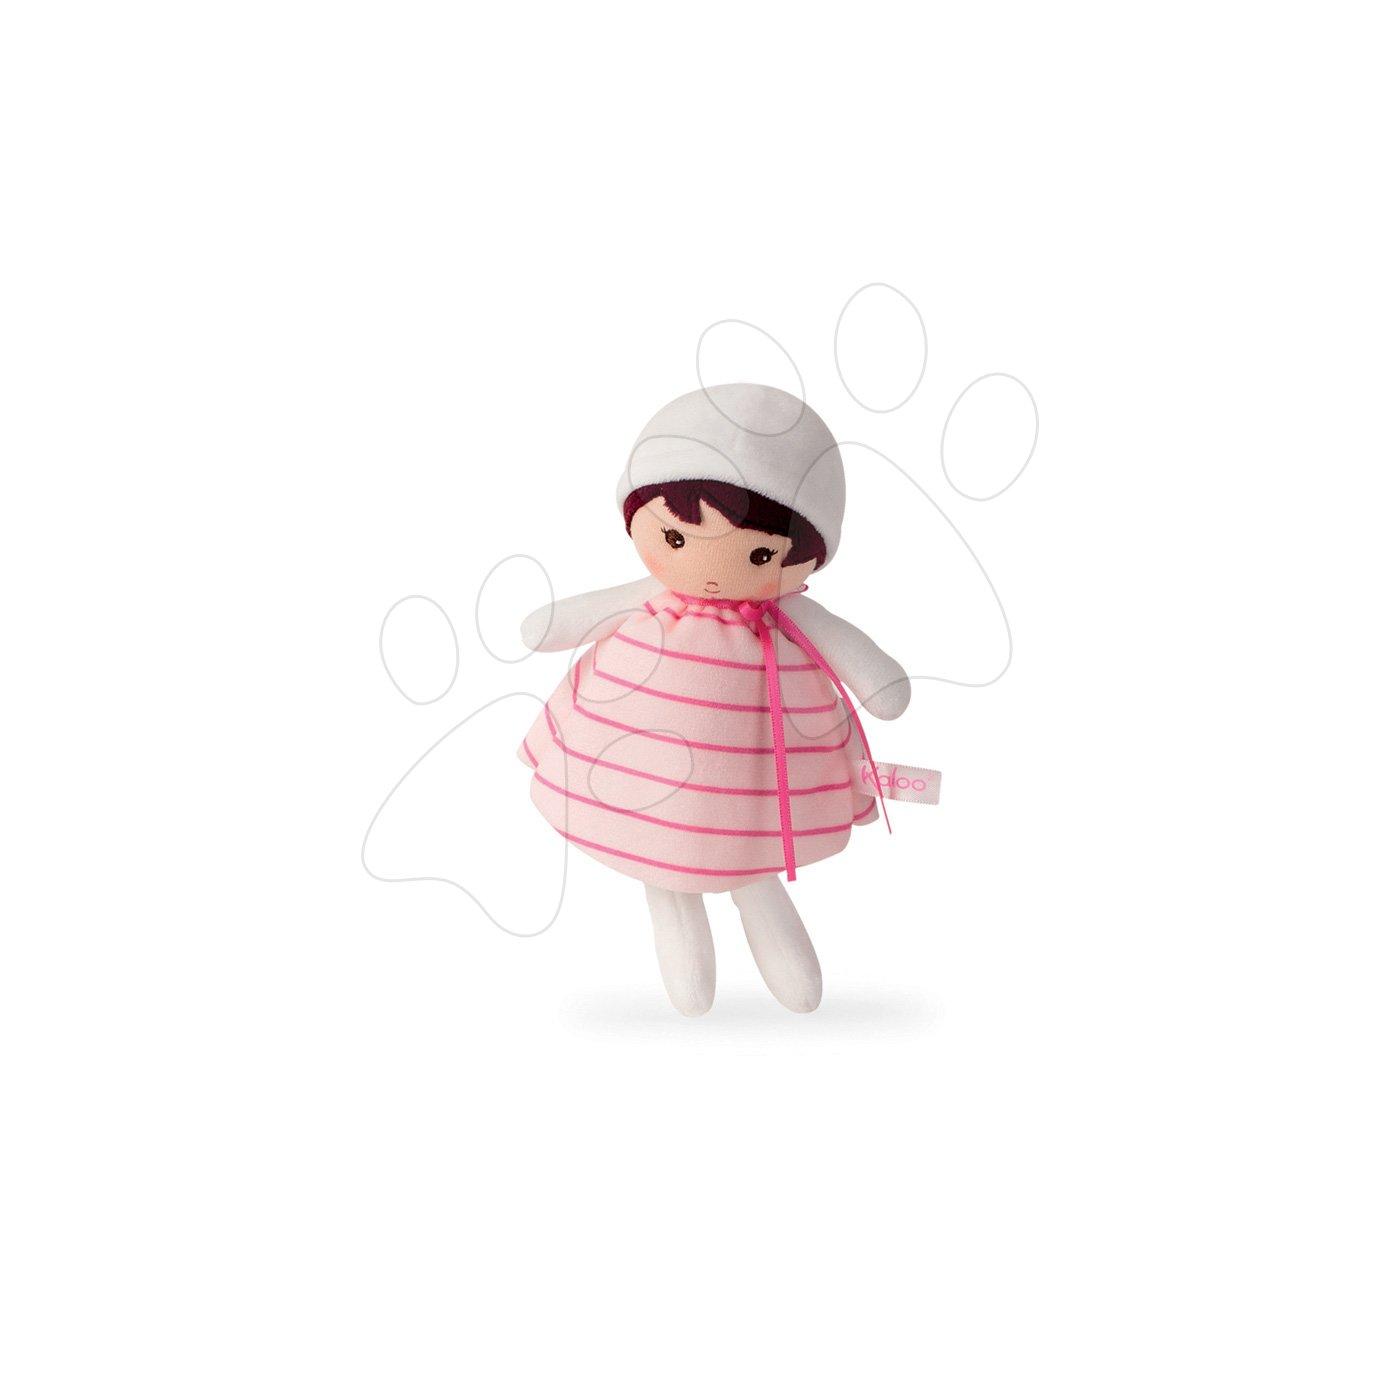 Kaloo panenka pro miminka Rose K Tendresse 18 cm v proužkovaných šatech z jemného textilu v dárkovém balení 962093